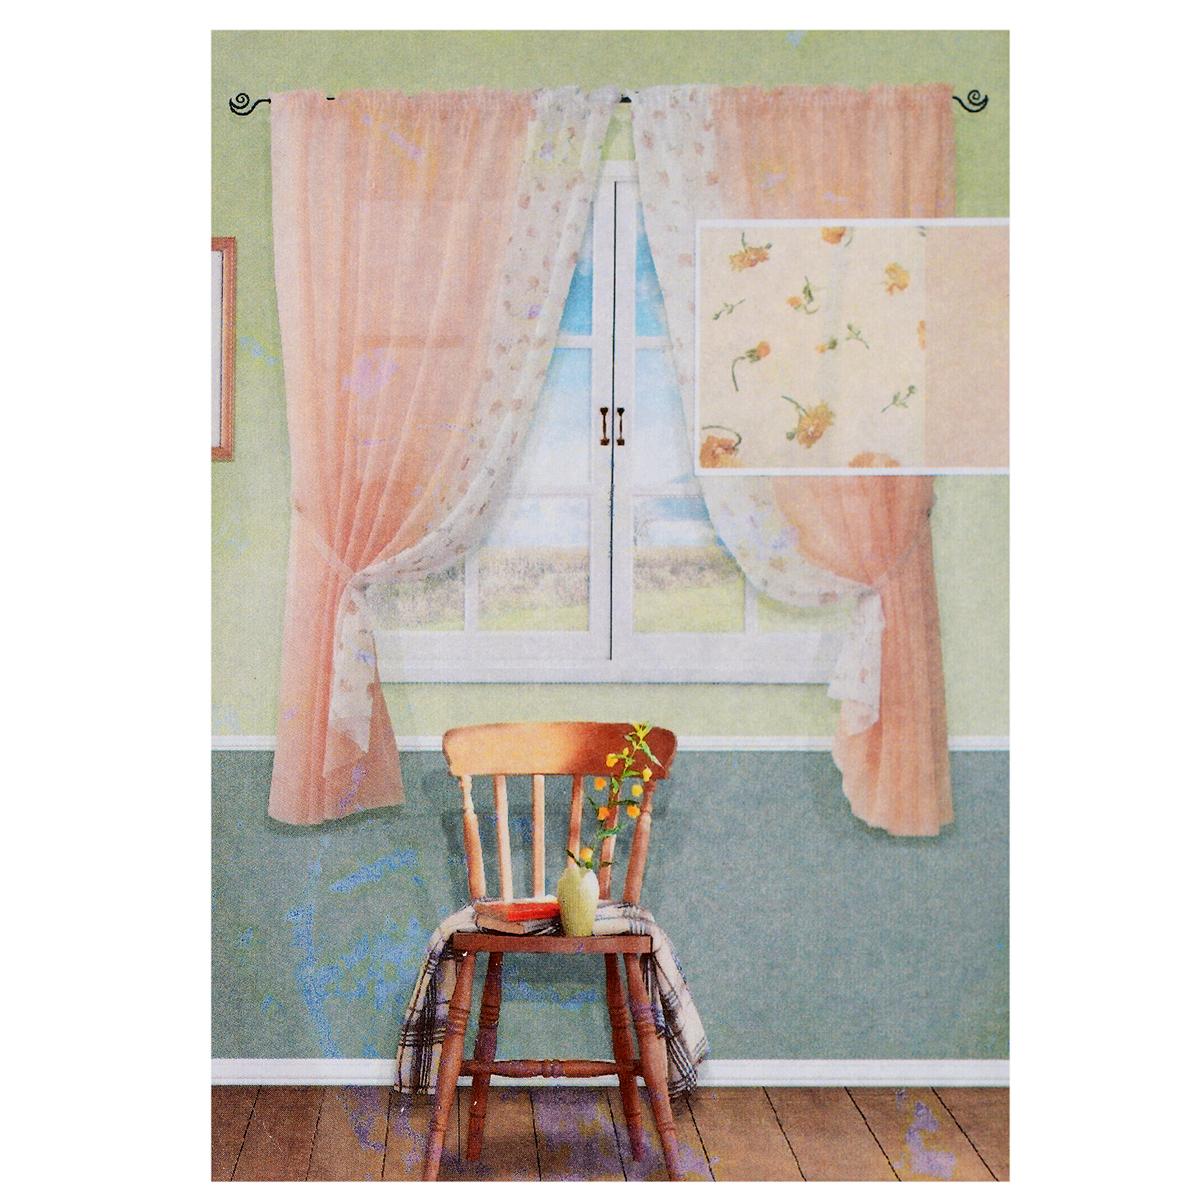 Комплект штор Kauffort Розанна, на ленте, цвет: персиковый, высота 170 смUN123871155Комплект Kauffort Солей состоит из двух штор и двух подхватов. Полотно штор выполнено из легкого полиэстера персикового цвета и декорировано вставкой из белого полиэстера с цветочным рисунком. Подхваты выполнены из легкого полиэстера персикового цвета.Качественный материал, оригинальный дизайн и приятная цветовая гамма привлекут к себе внимание и органично впишутся в интерьер помещения. Шторы оснащены лентой для красивой сборки.Комплект штор Kauffort Розанна станет великолепным украшением любого окна. В комплект входит:Штора - 2 шт. Размер (Ш х В): 177 см х 170 см. Подхват - 2 шт. Размер (Ш х Д): 150 см х 9 см.